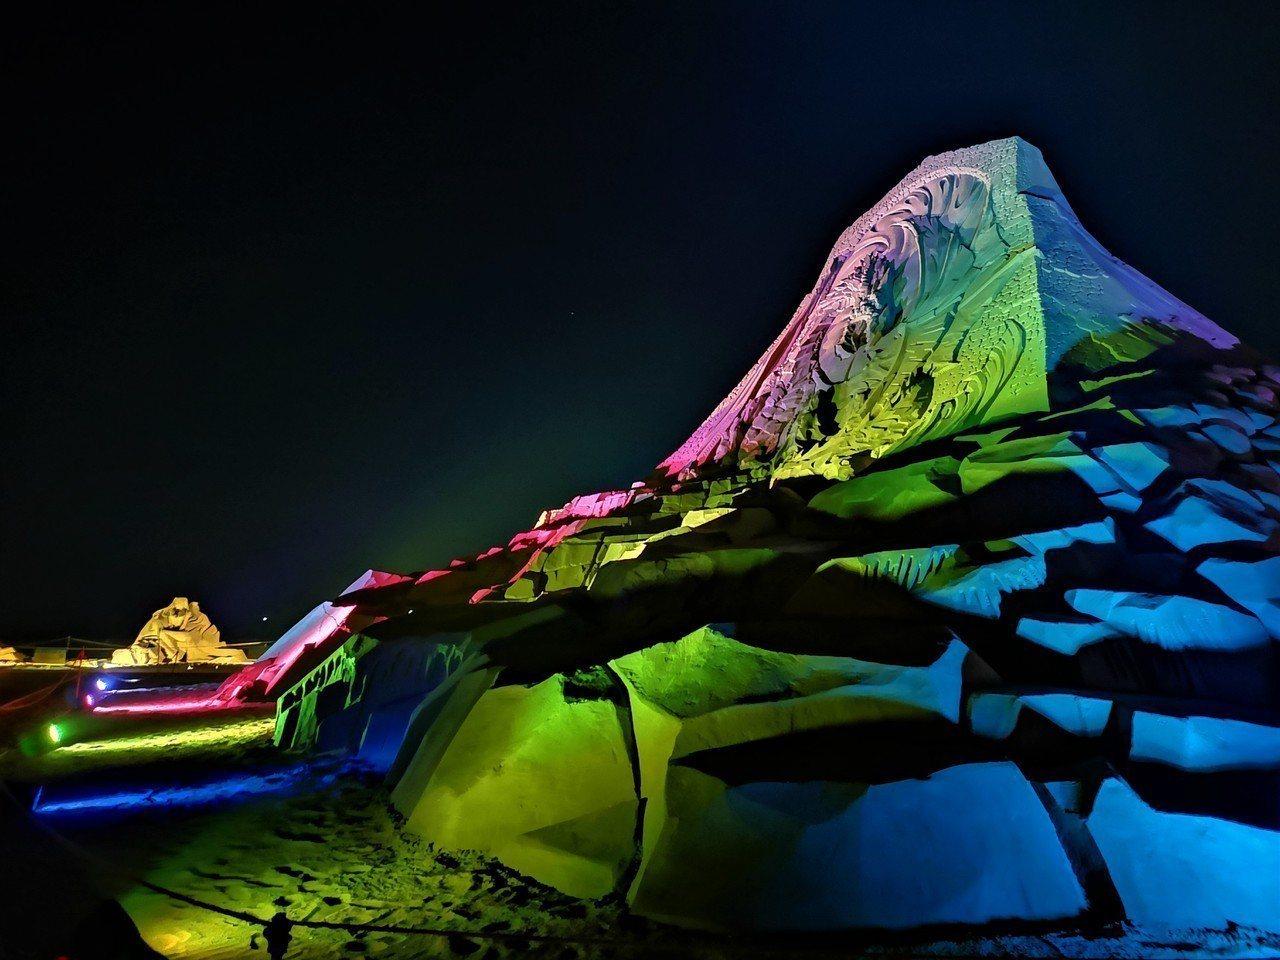 福隆國際沙雕藝術季6月1日起至7月15日止,為期45天的展期,每天晚上7點到9點...